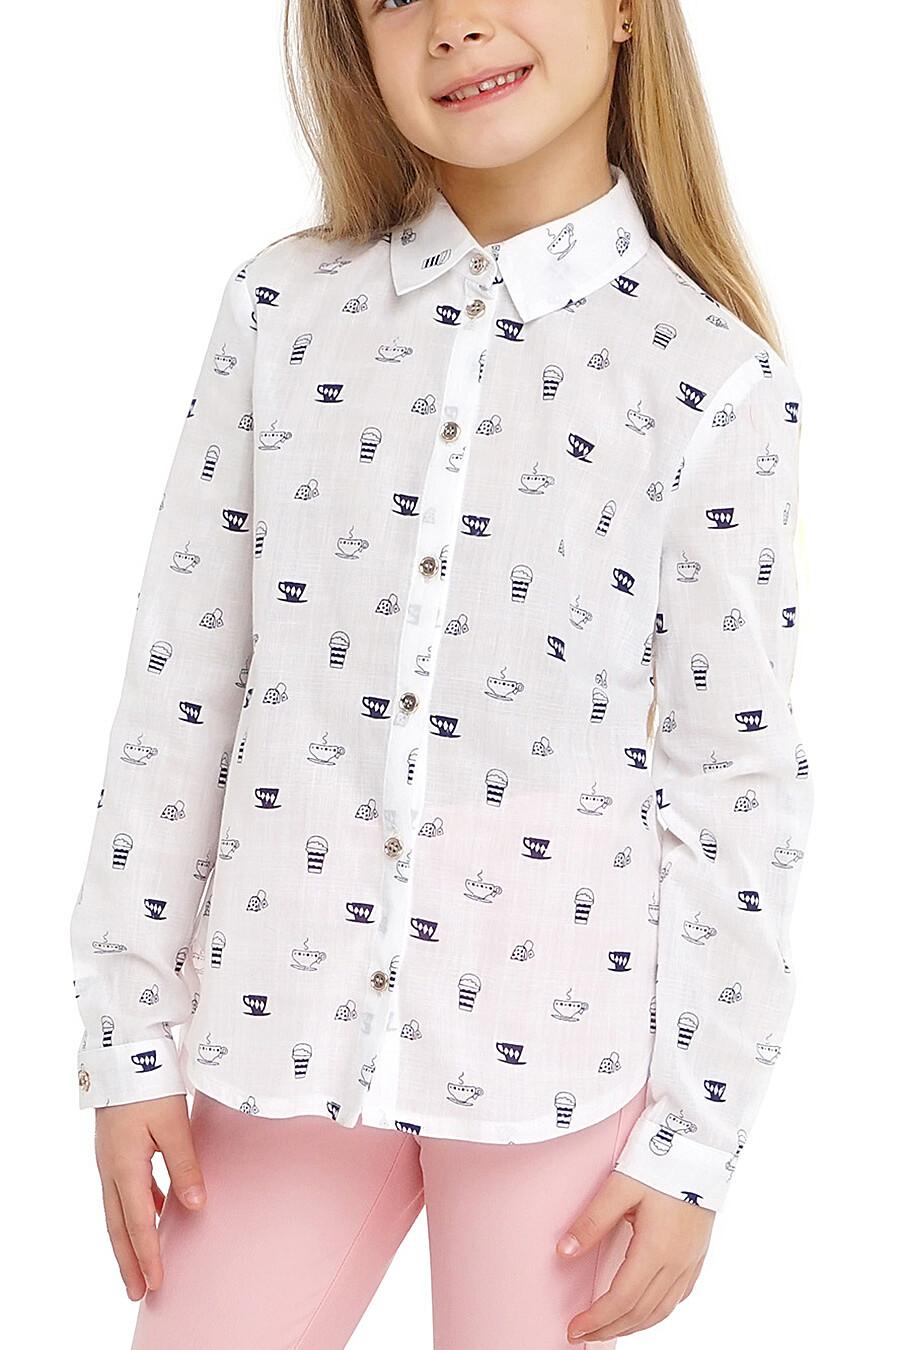 Рубашка для девочек CLEVER 158832 купить оптом от производителя. Совместная покупка детской одежды в OptMoyo